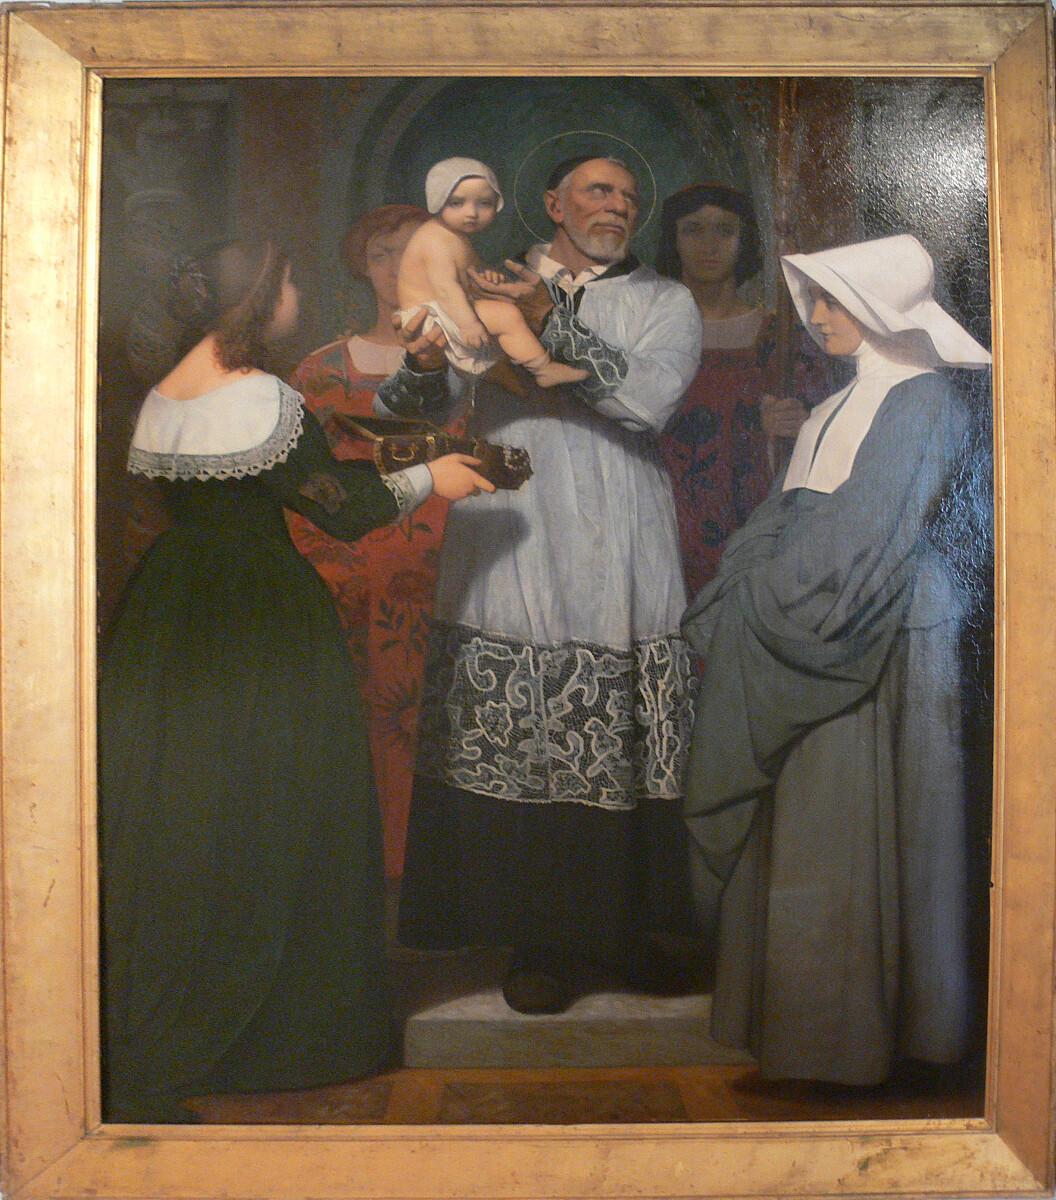 Św. Wincent de Paul - Jean-Léon Gérôme, Public domain, via Wikimedia Commons